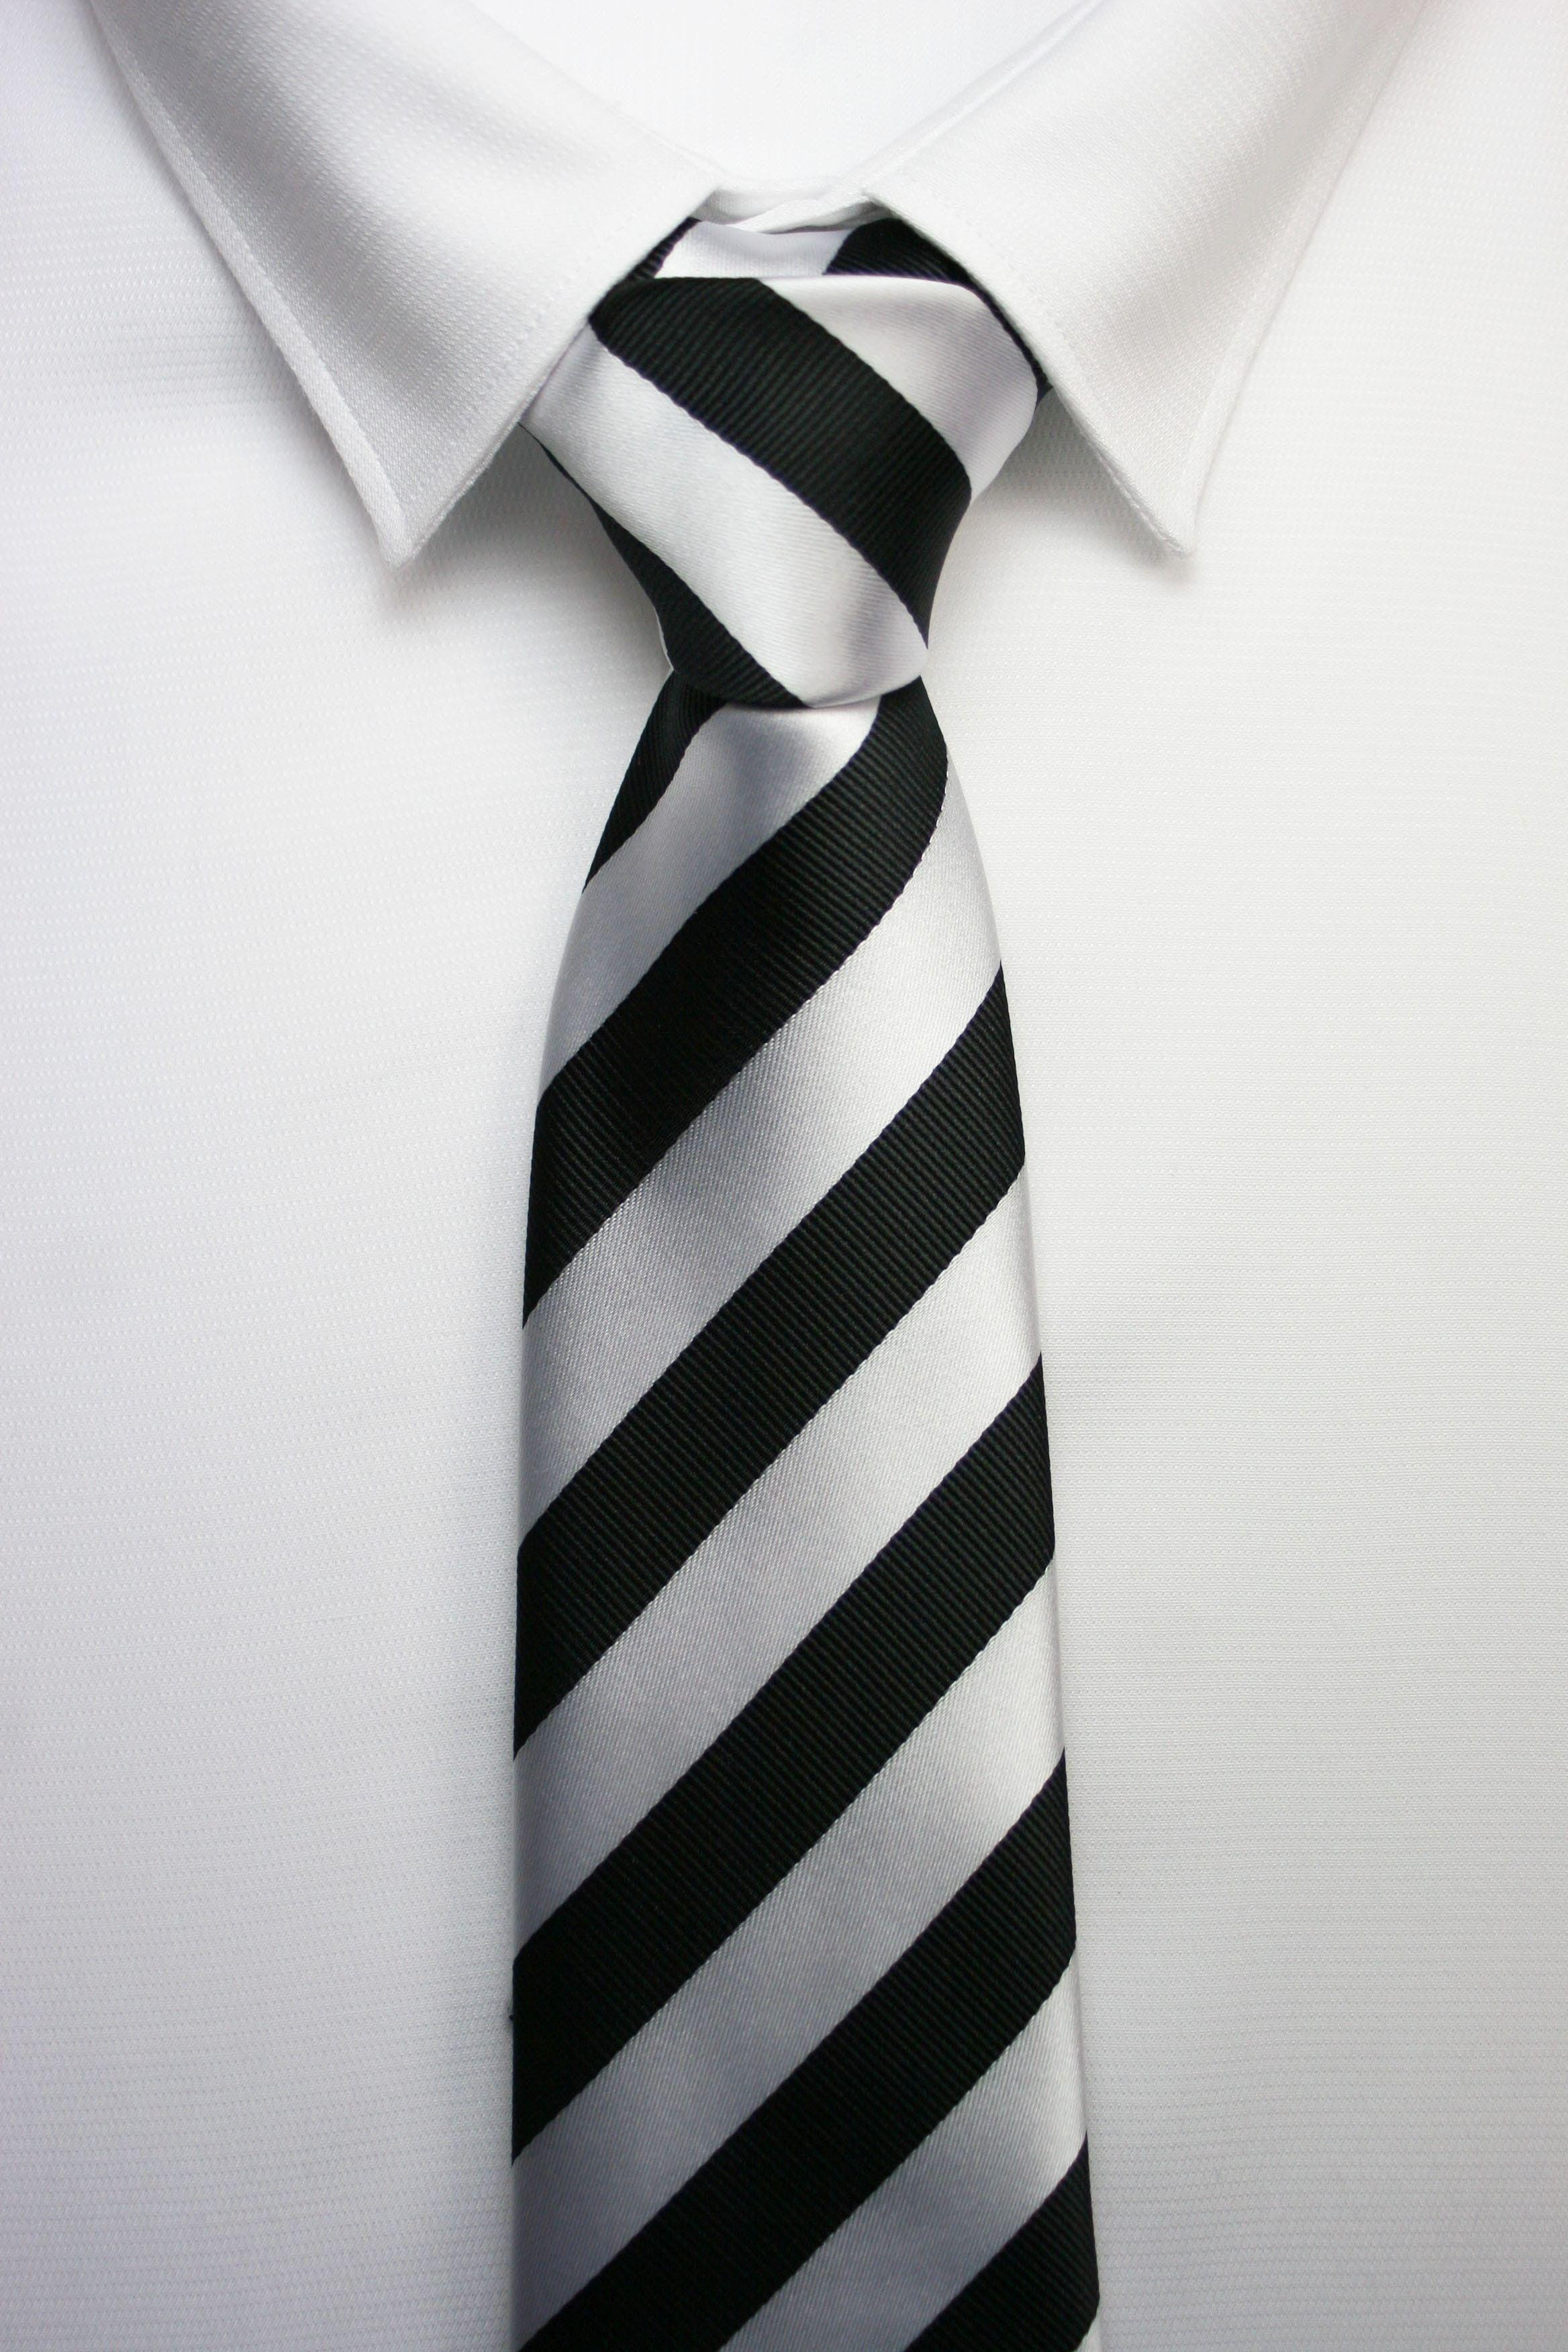 Venta de Corbata Raya Blanca Negra | me gusta | Corbatas